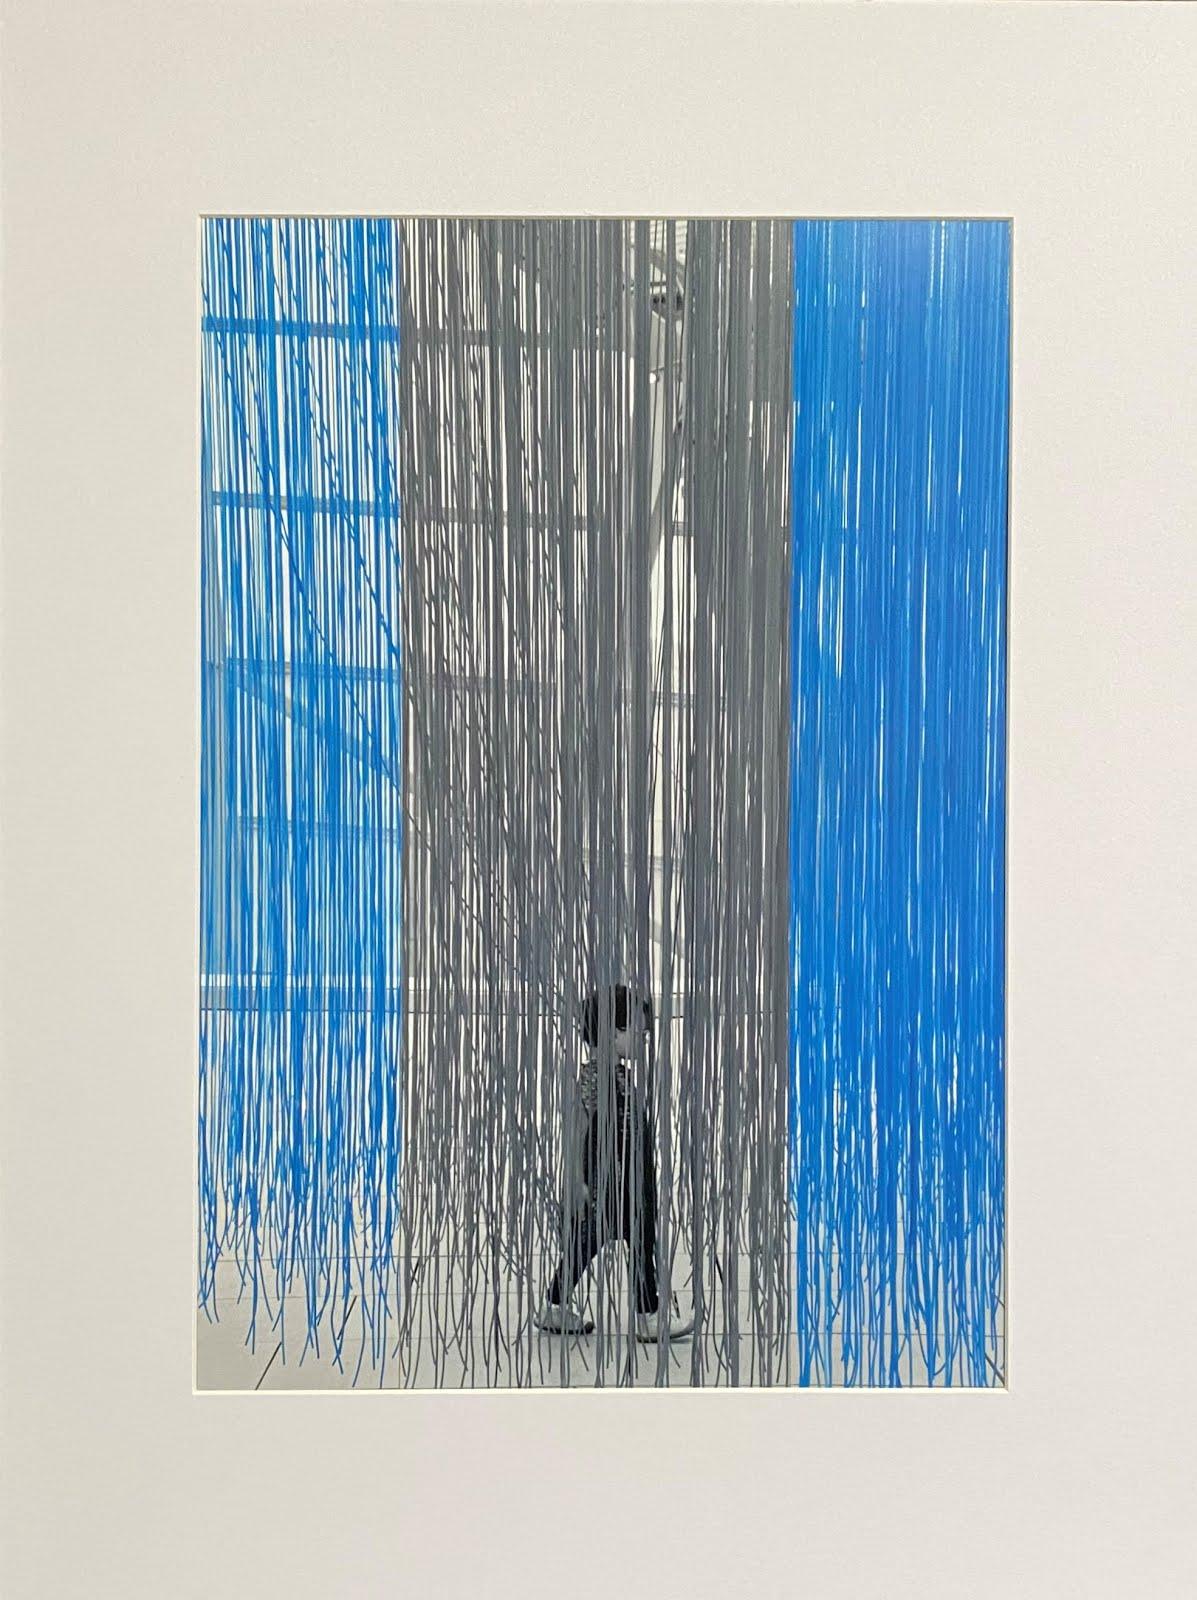 Isabella Rigamonti presenza in Galleria castel negrino Arte